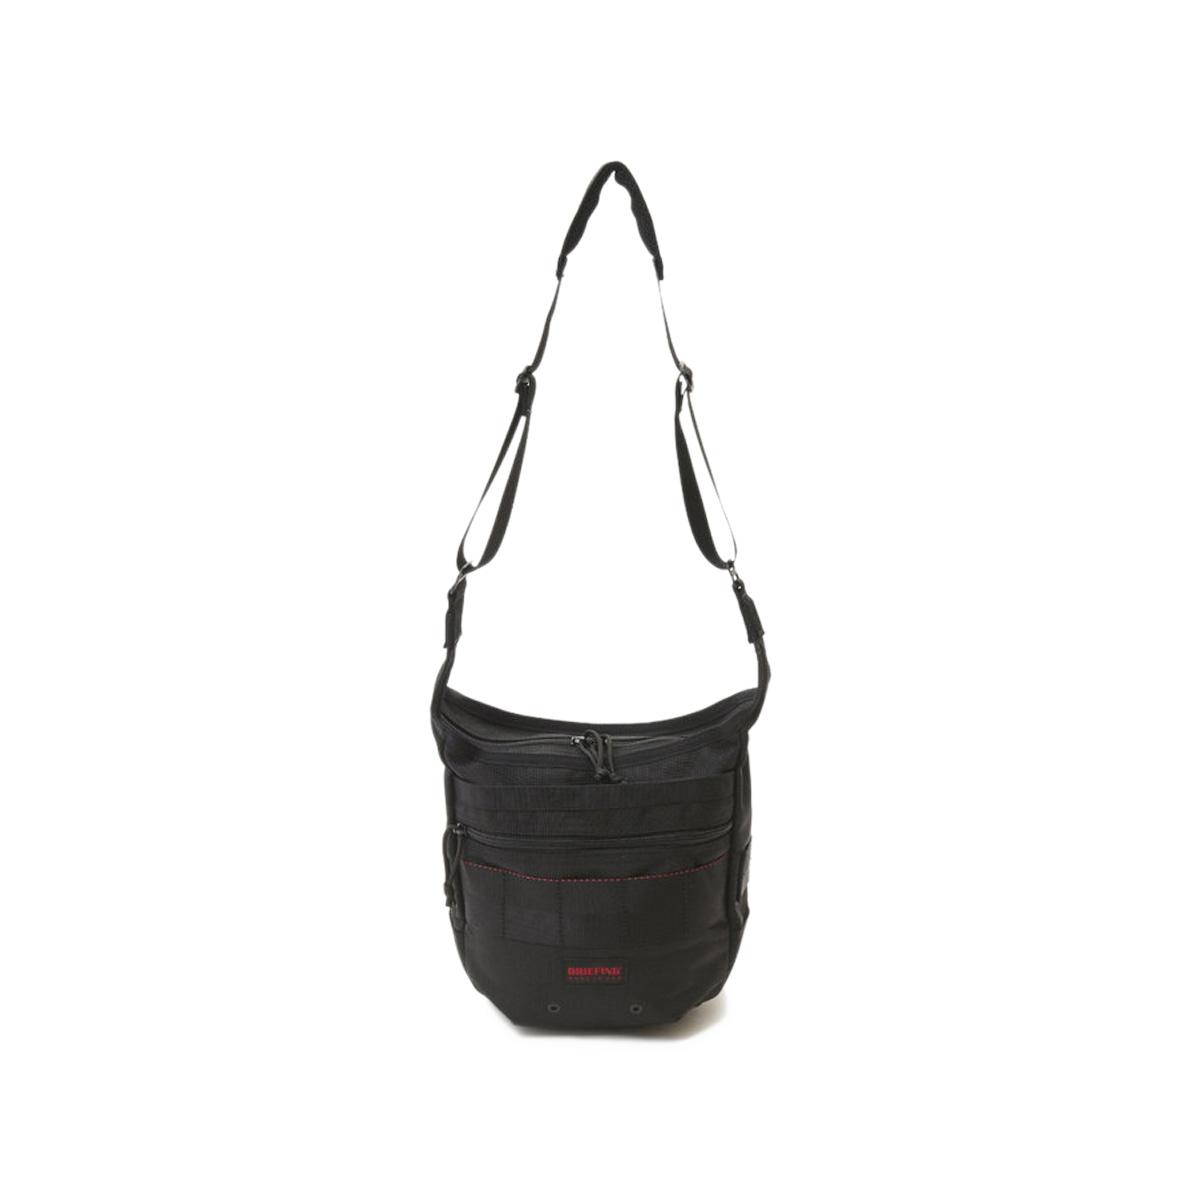 BRIEFING DAY TRIPPER ブリーフィング デイトリッパー バッグ ショルダーバッグ メンズ 5.8L ブラック ネイビー 黒 BRF105219